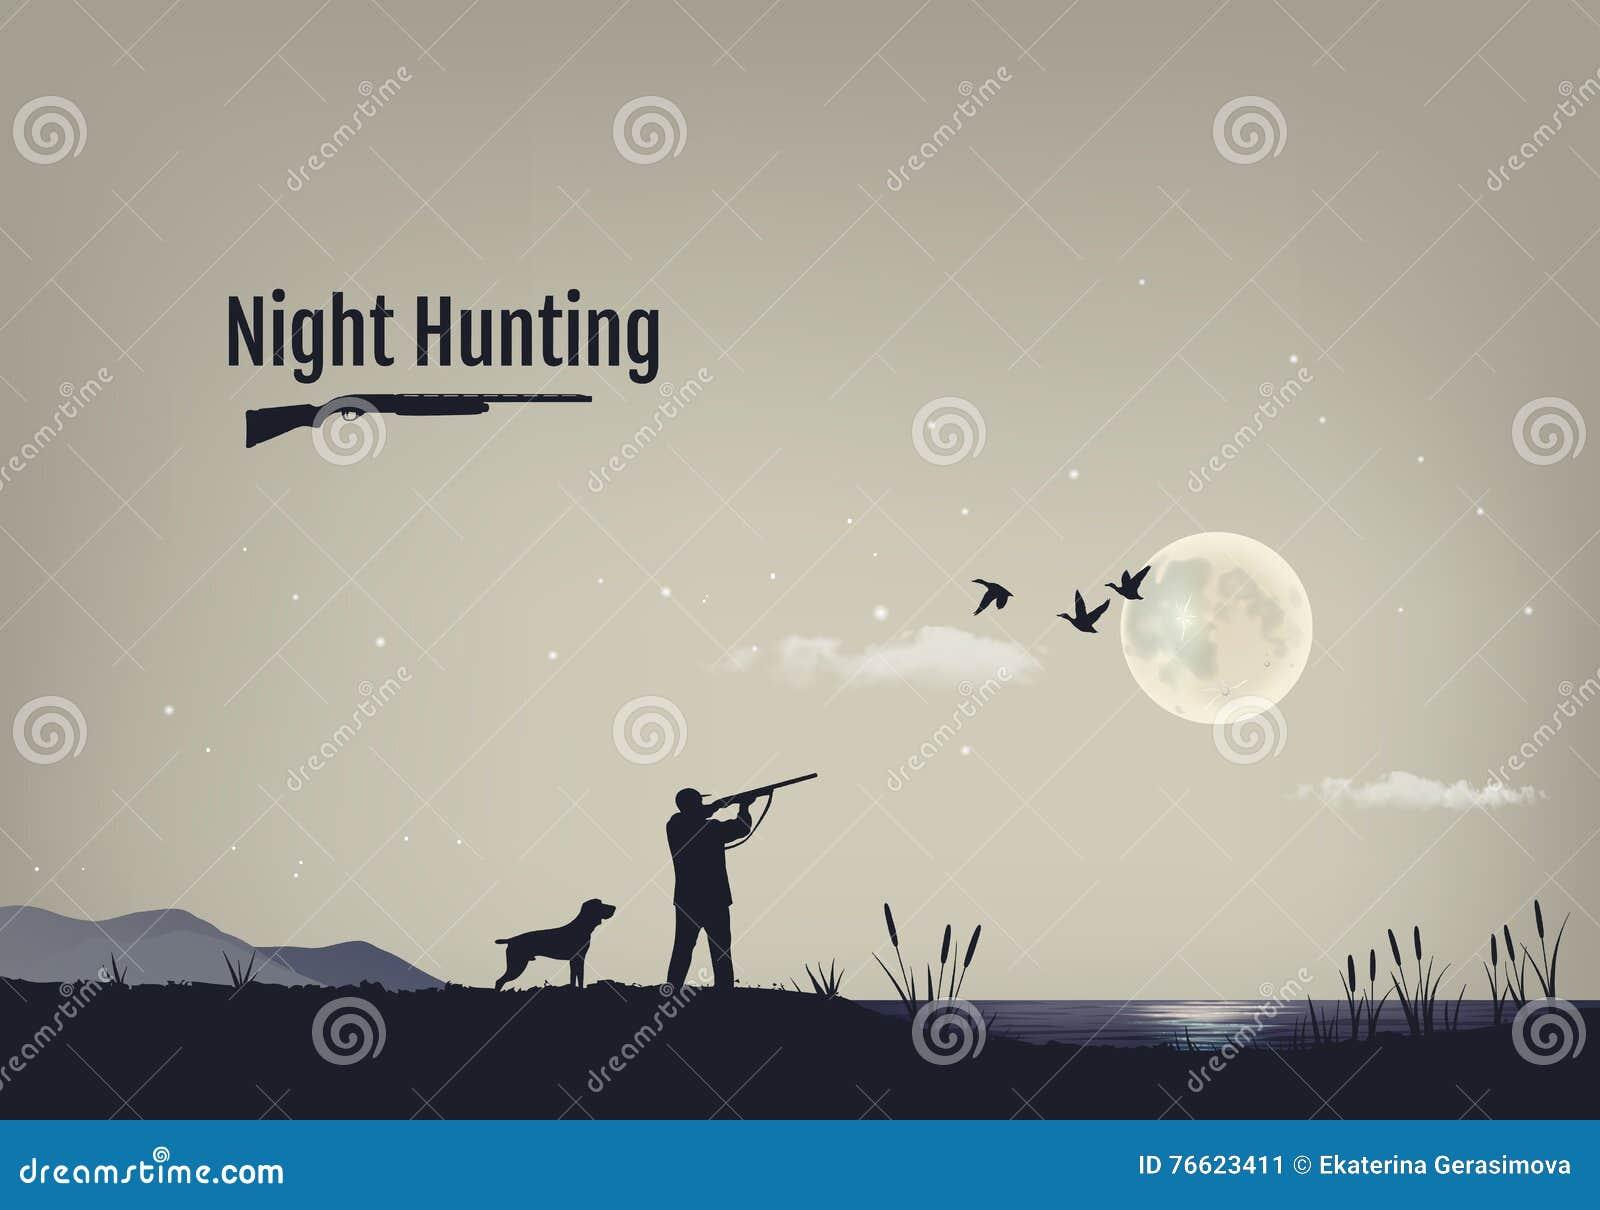 Vectorillustratie van het proces om voor eenden in de nacht te jagen Silhouetten van een jachthond met de jager